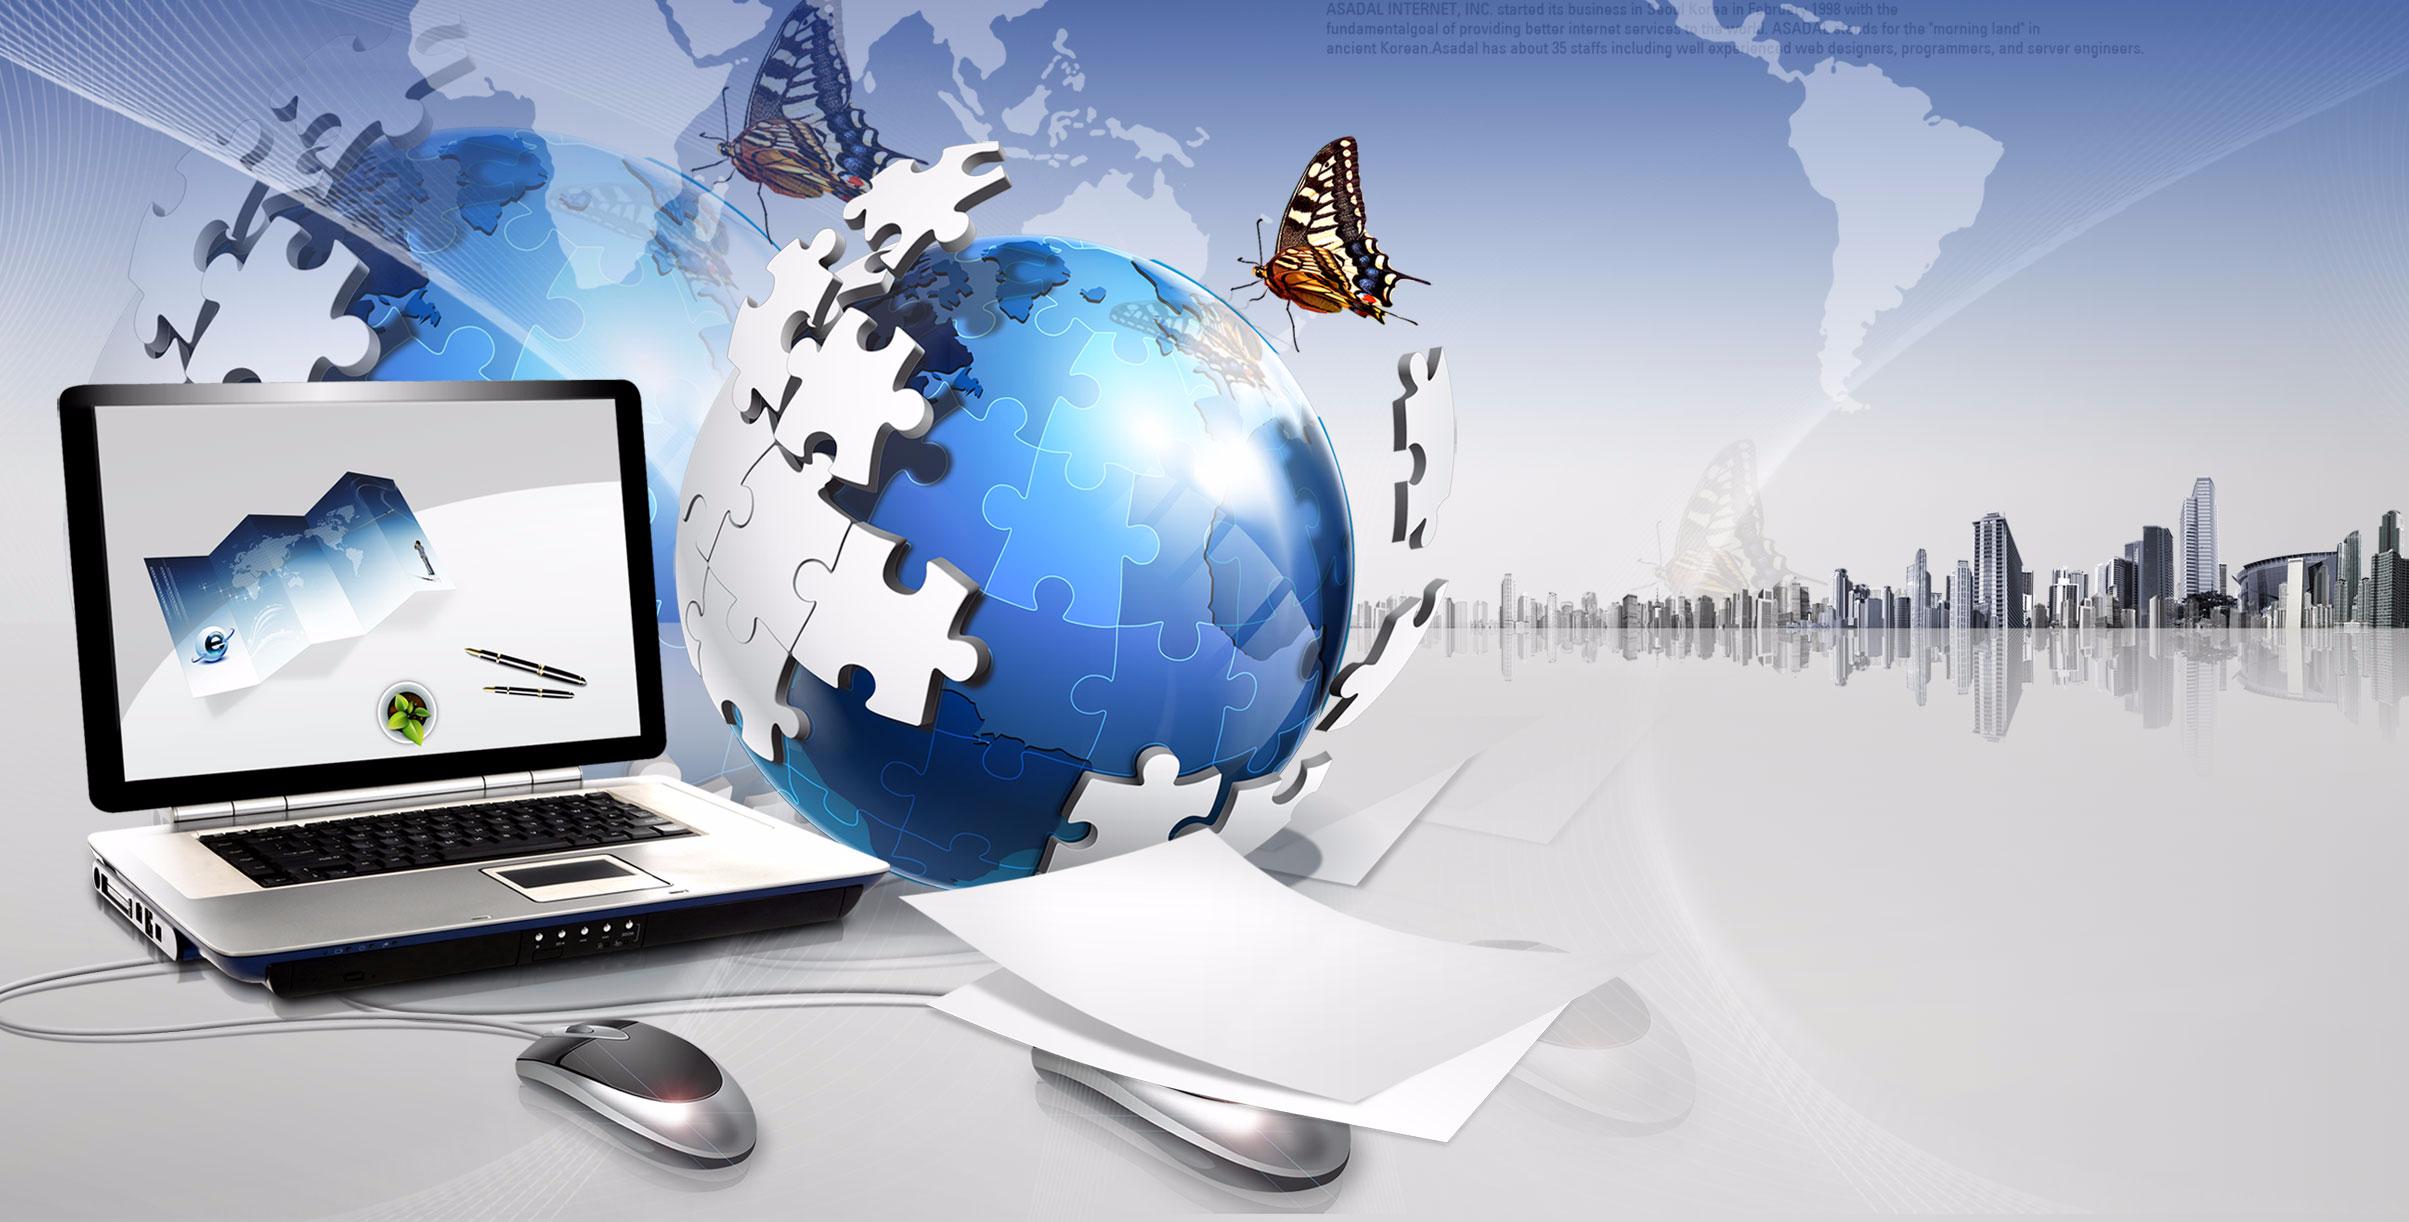 三见客:透析互联网与企业发展